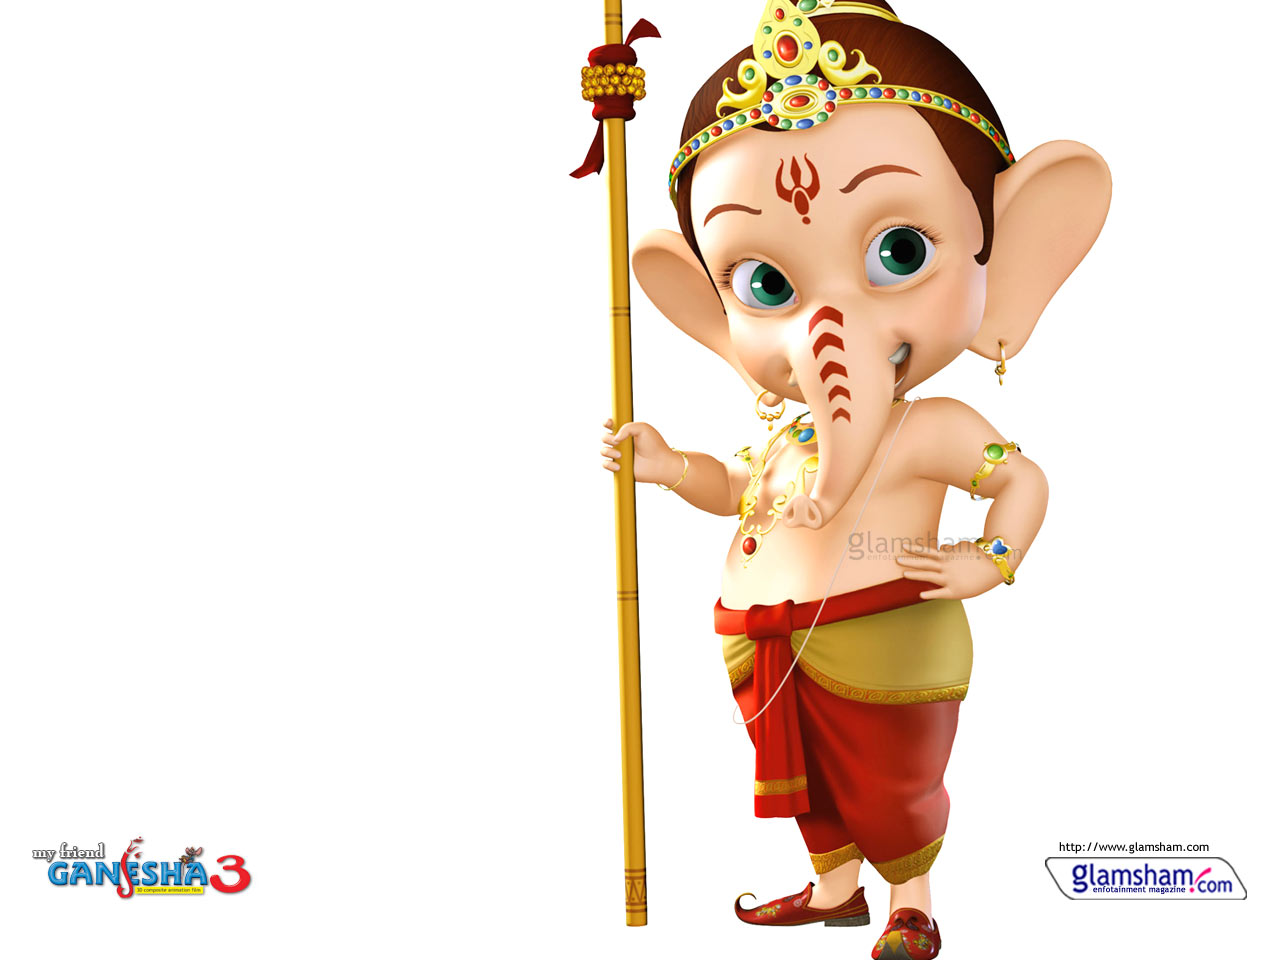 Hanuman 3d Live Wallpaper Free Download Ganesh Wallpaper Blog High Quality Ganesh Wallpaper